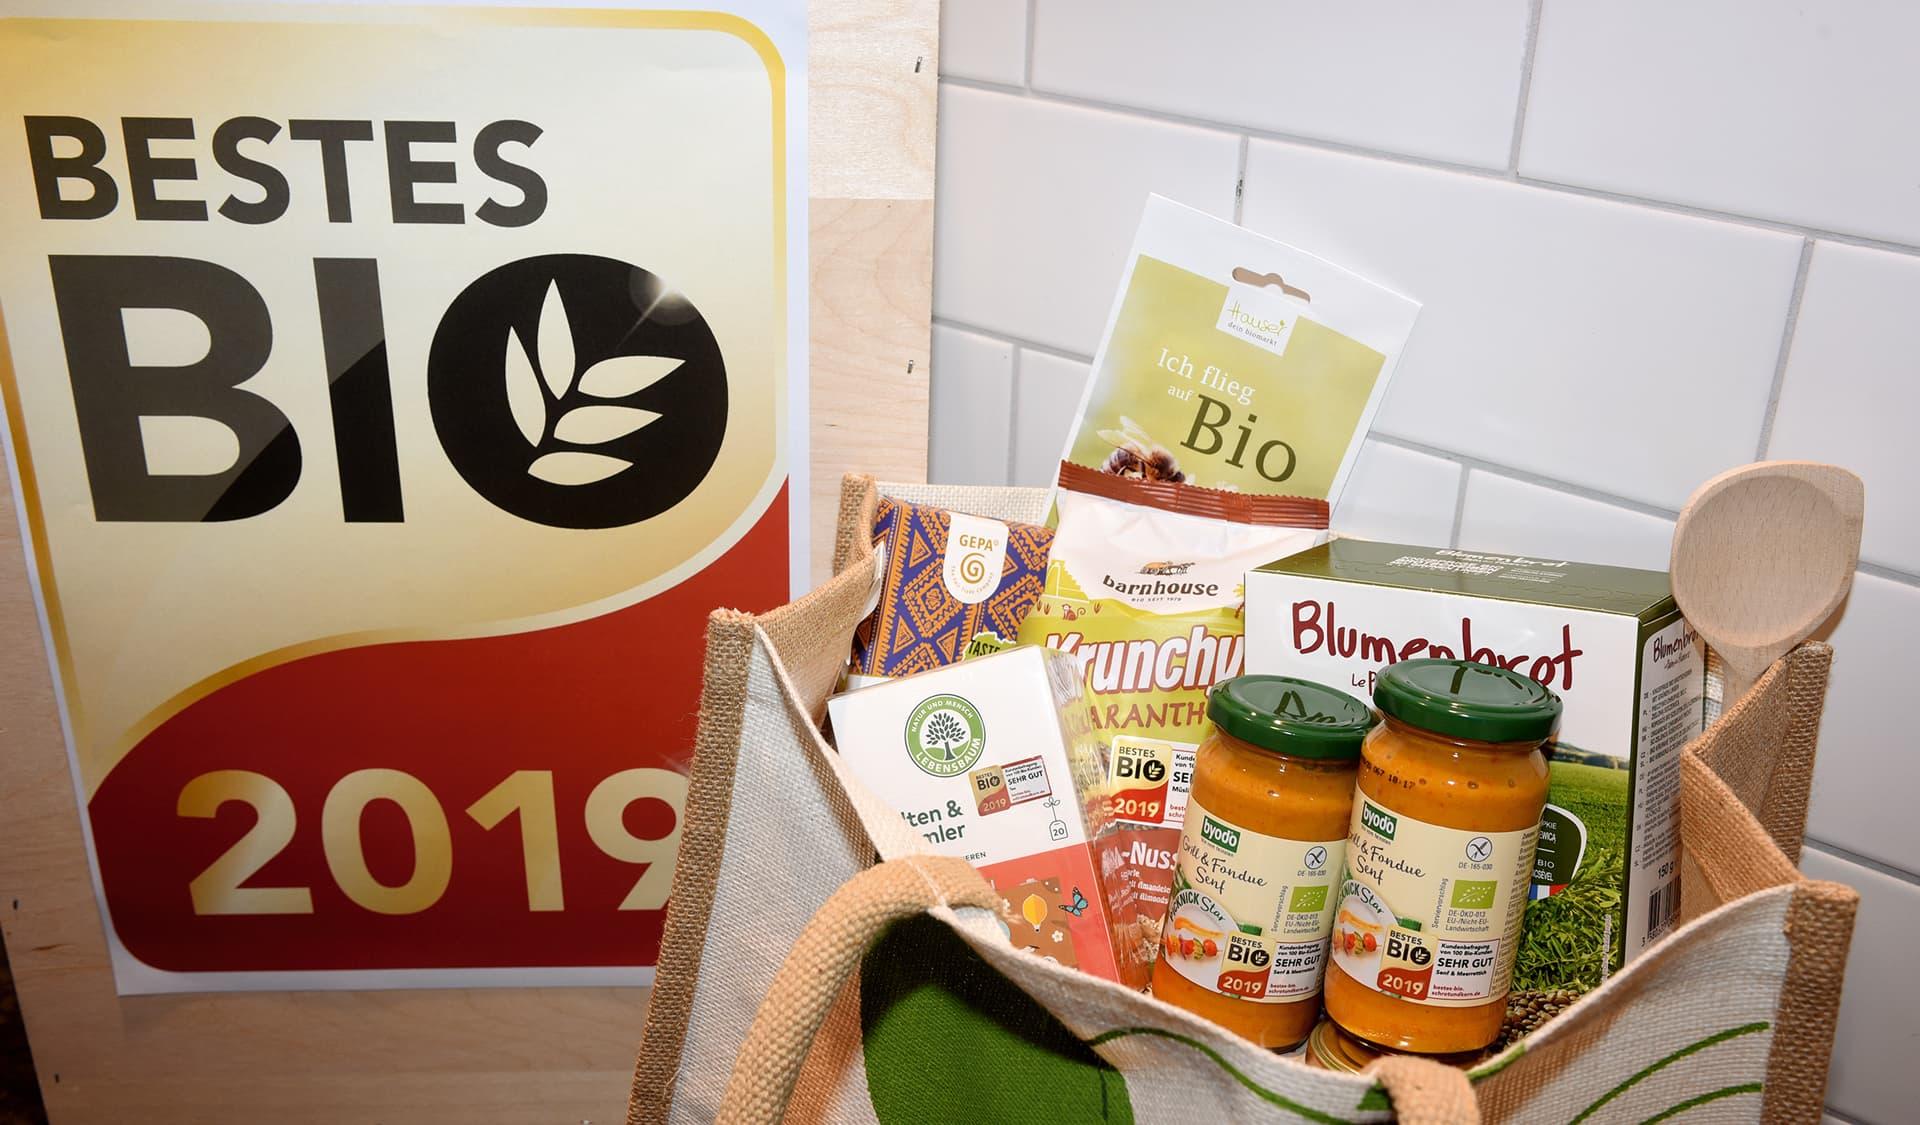 Bestes Bio-Logo und Tasche mit Produktproben